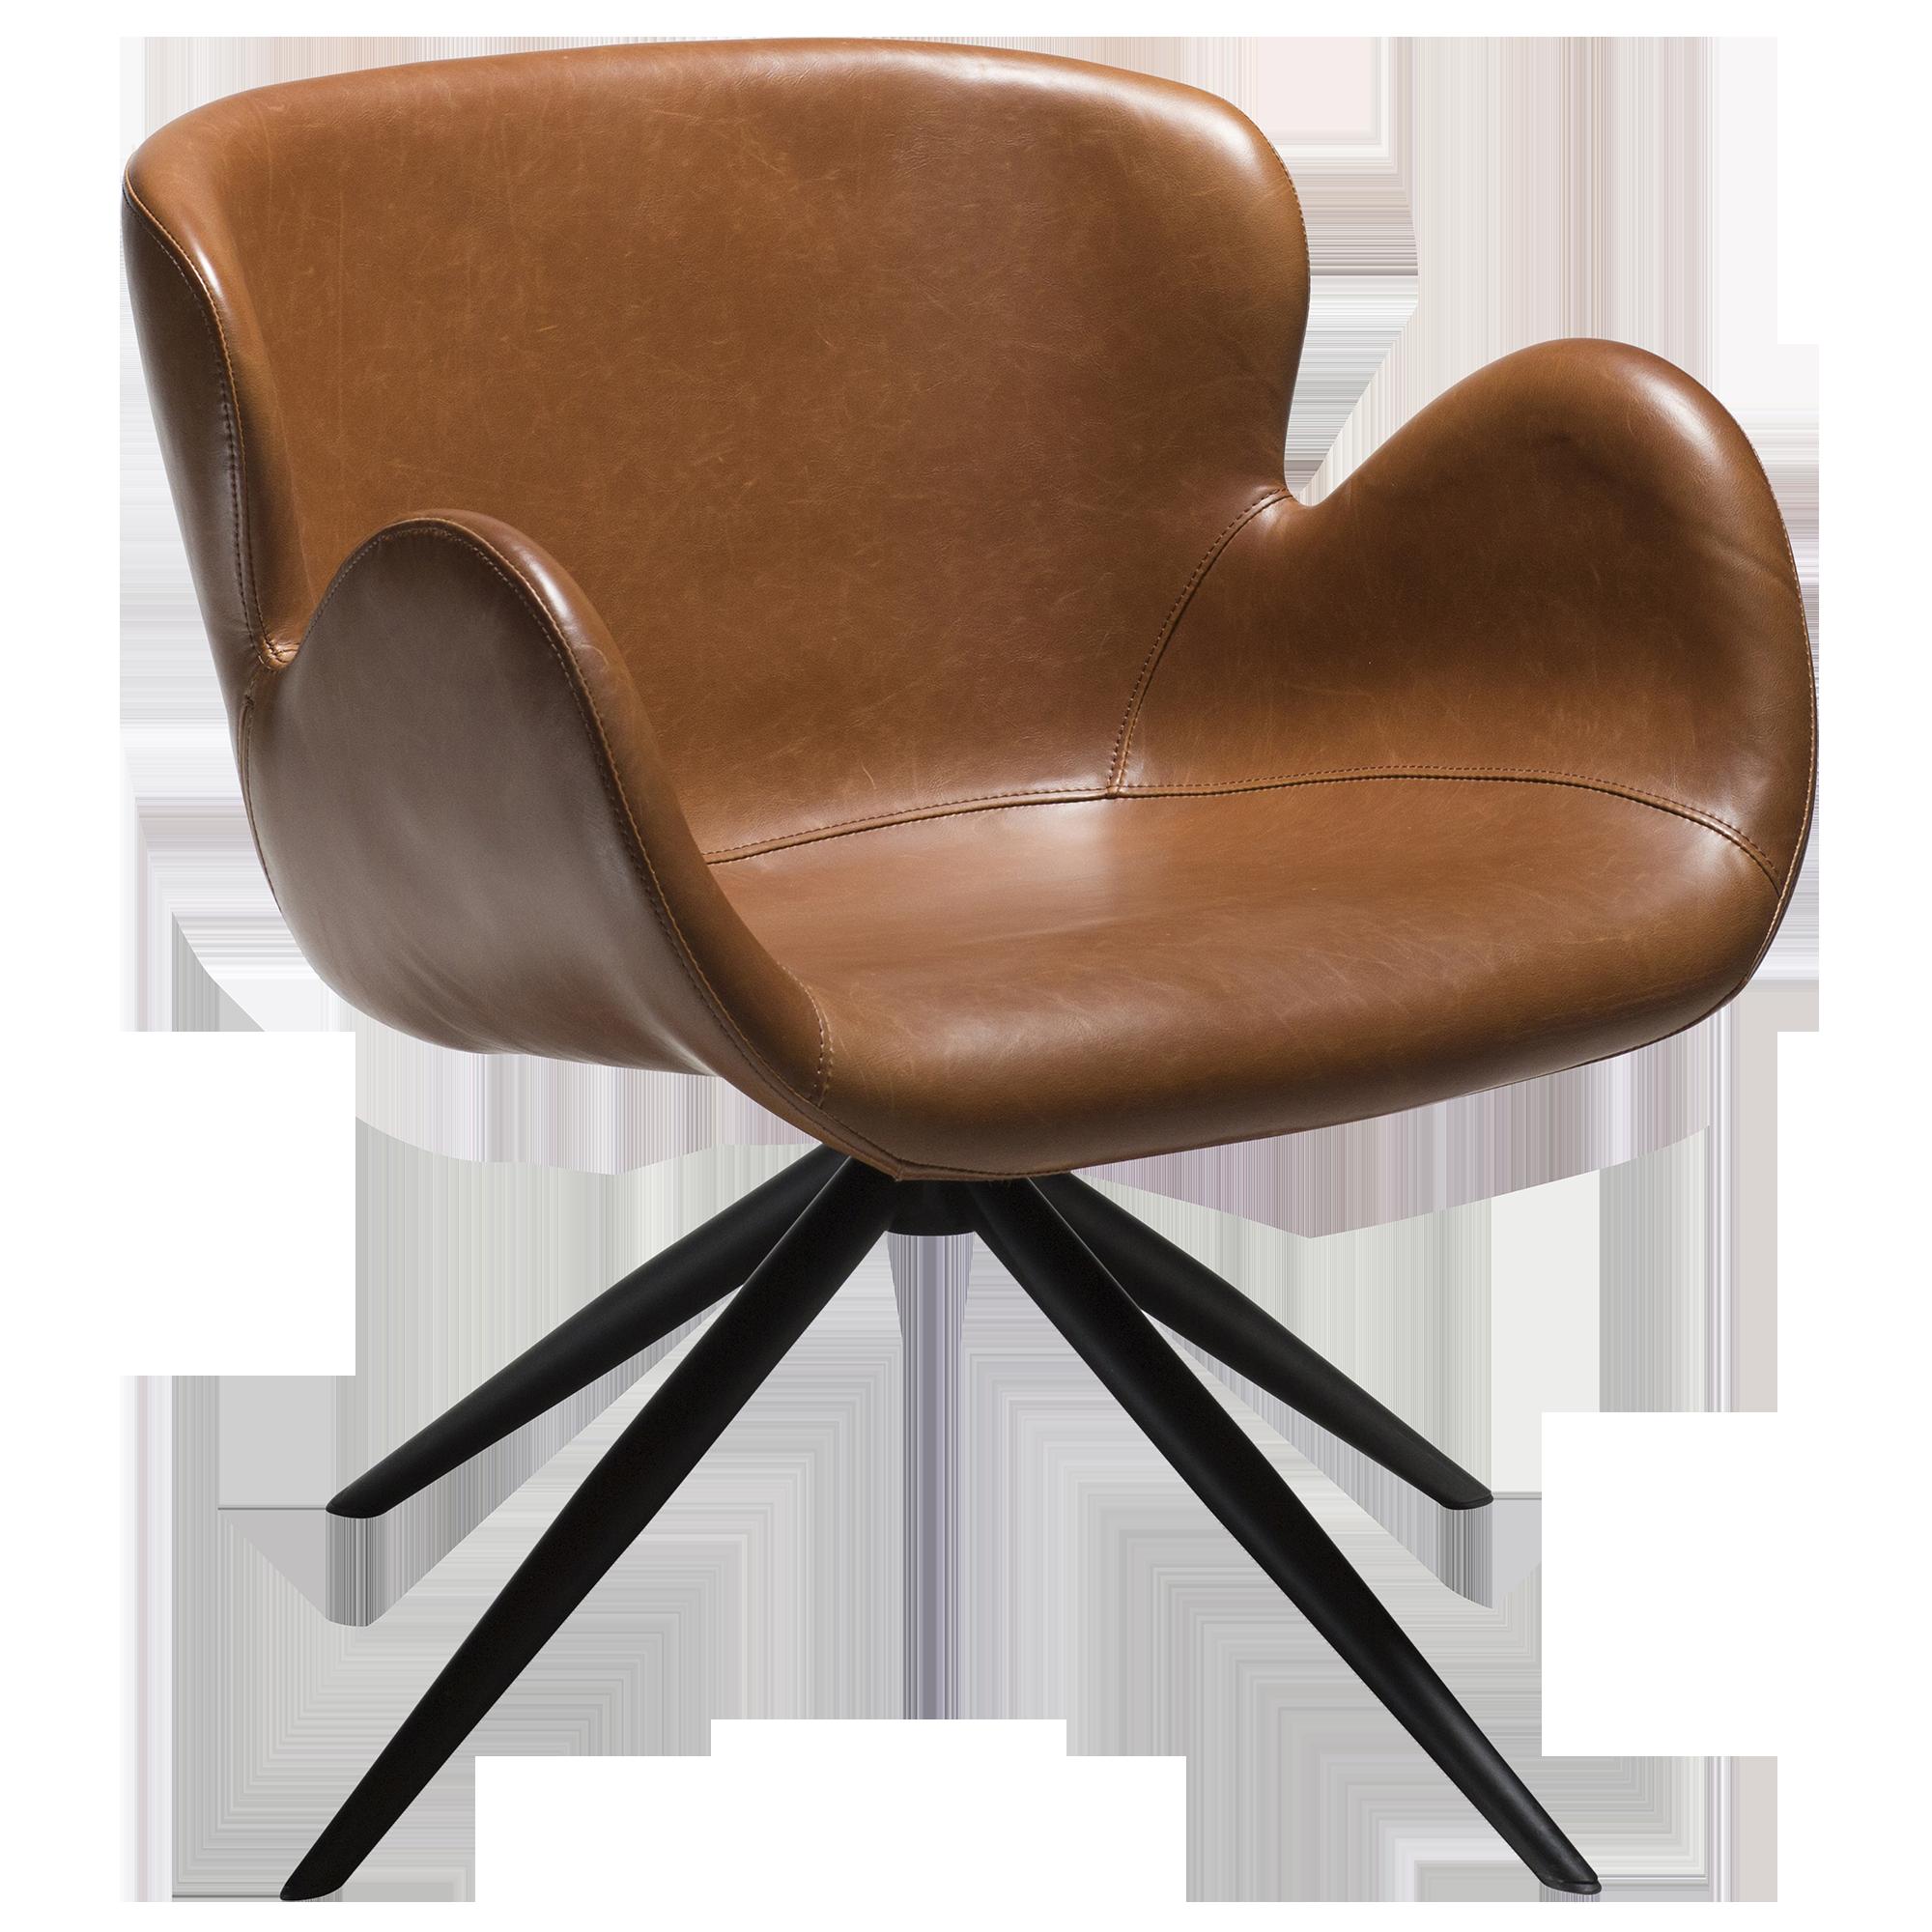 Gaia Lounge Chair Black Metal Spider Legs